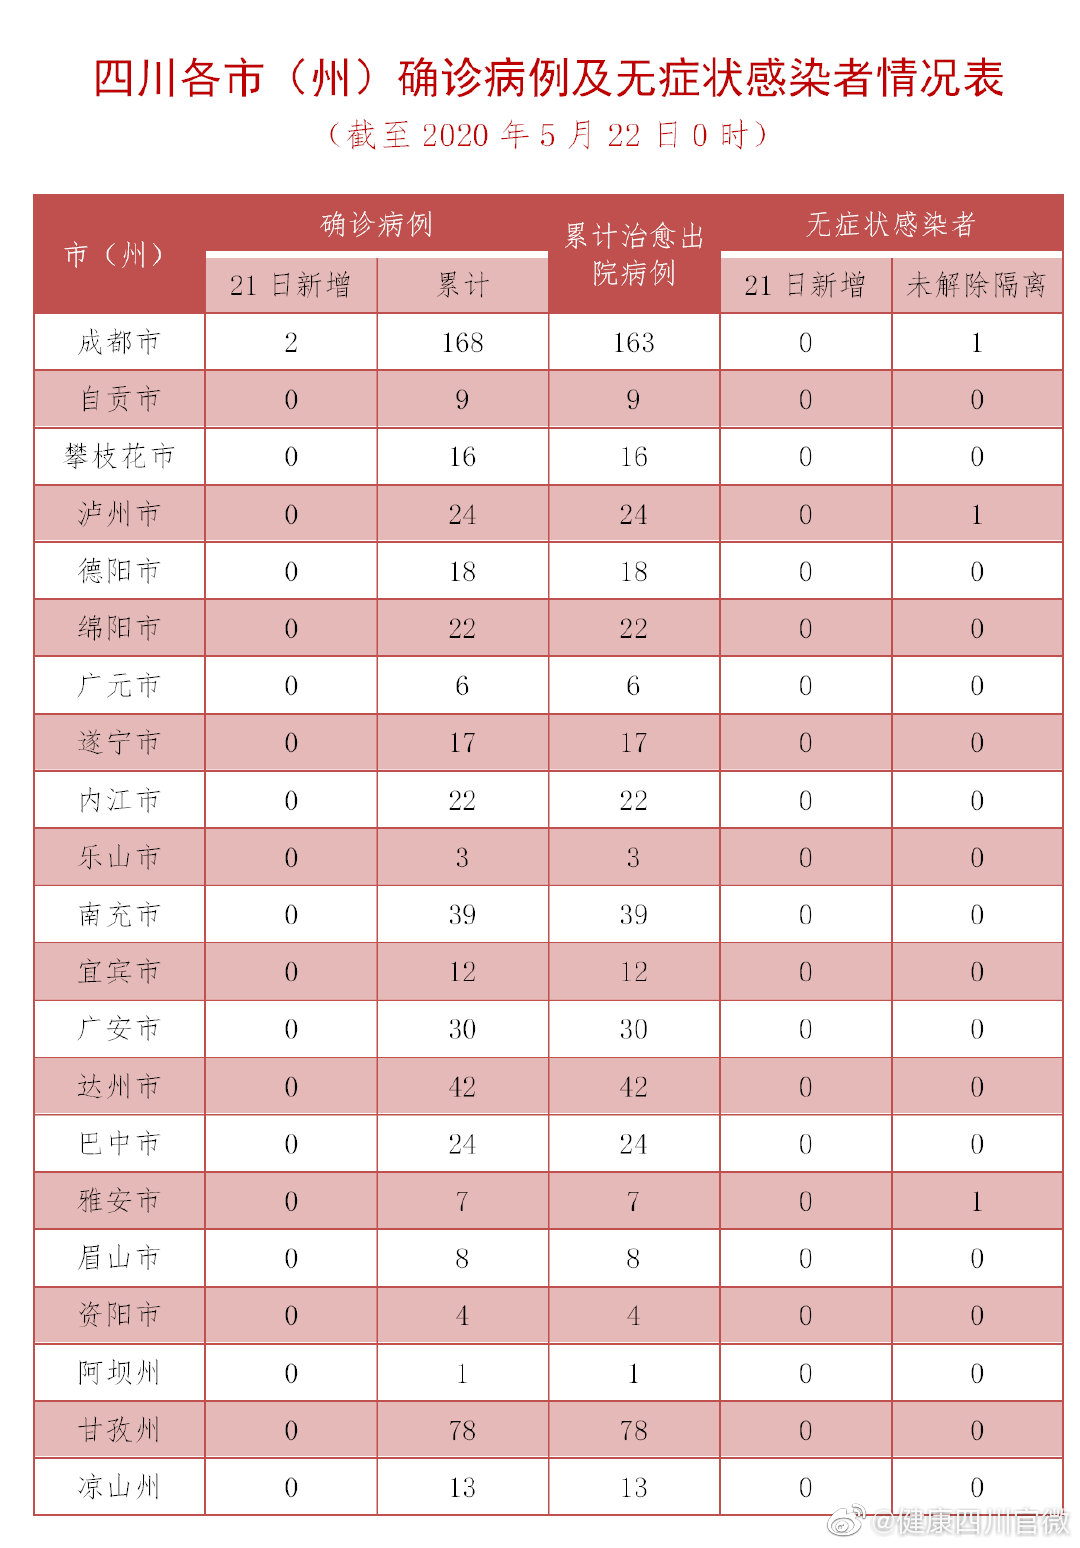 四川昨日新增2例境外输入确诊病例生化电子人